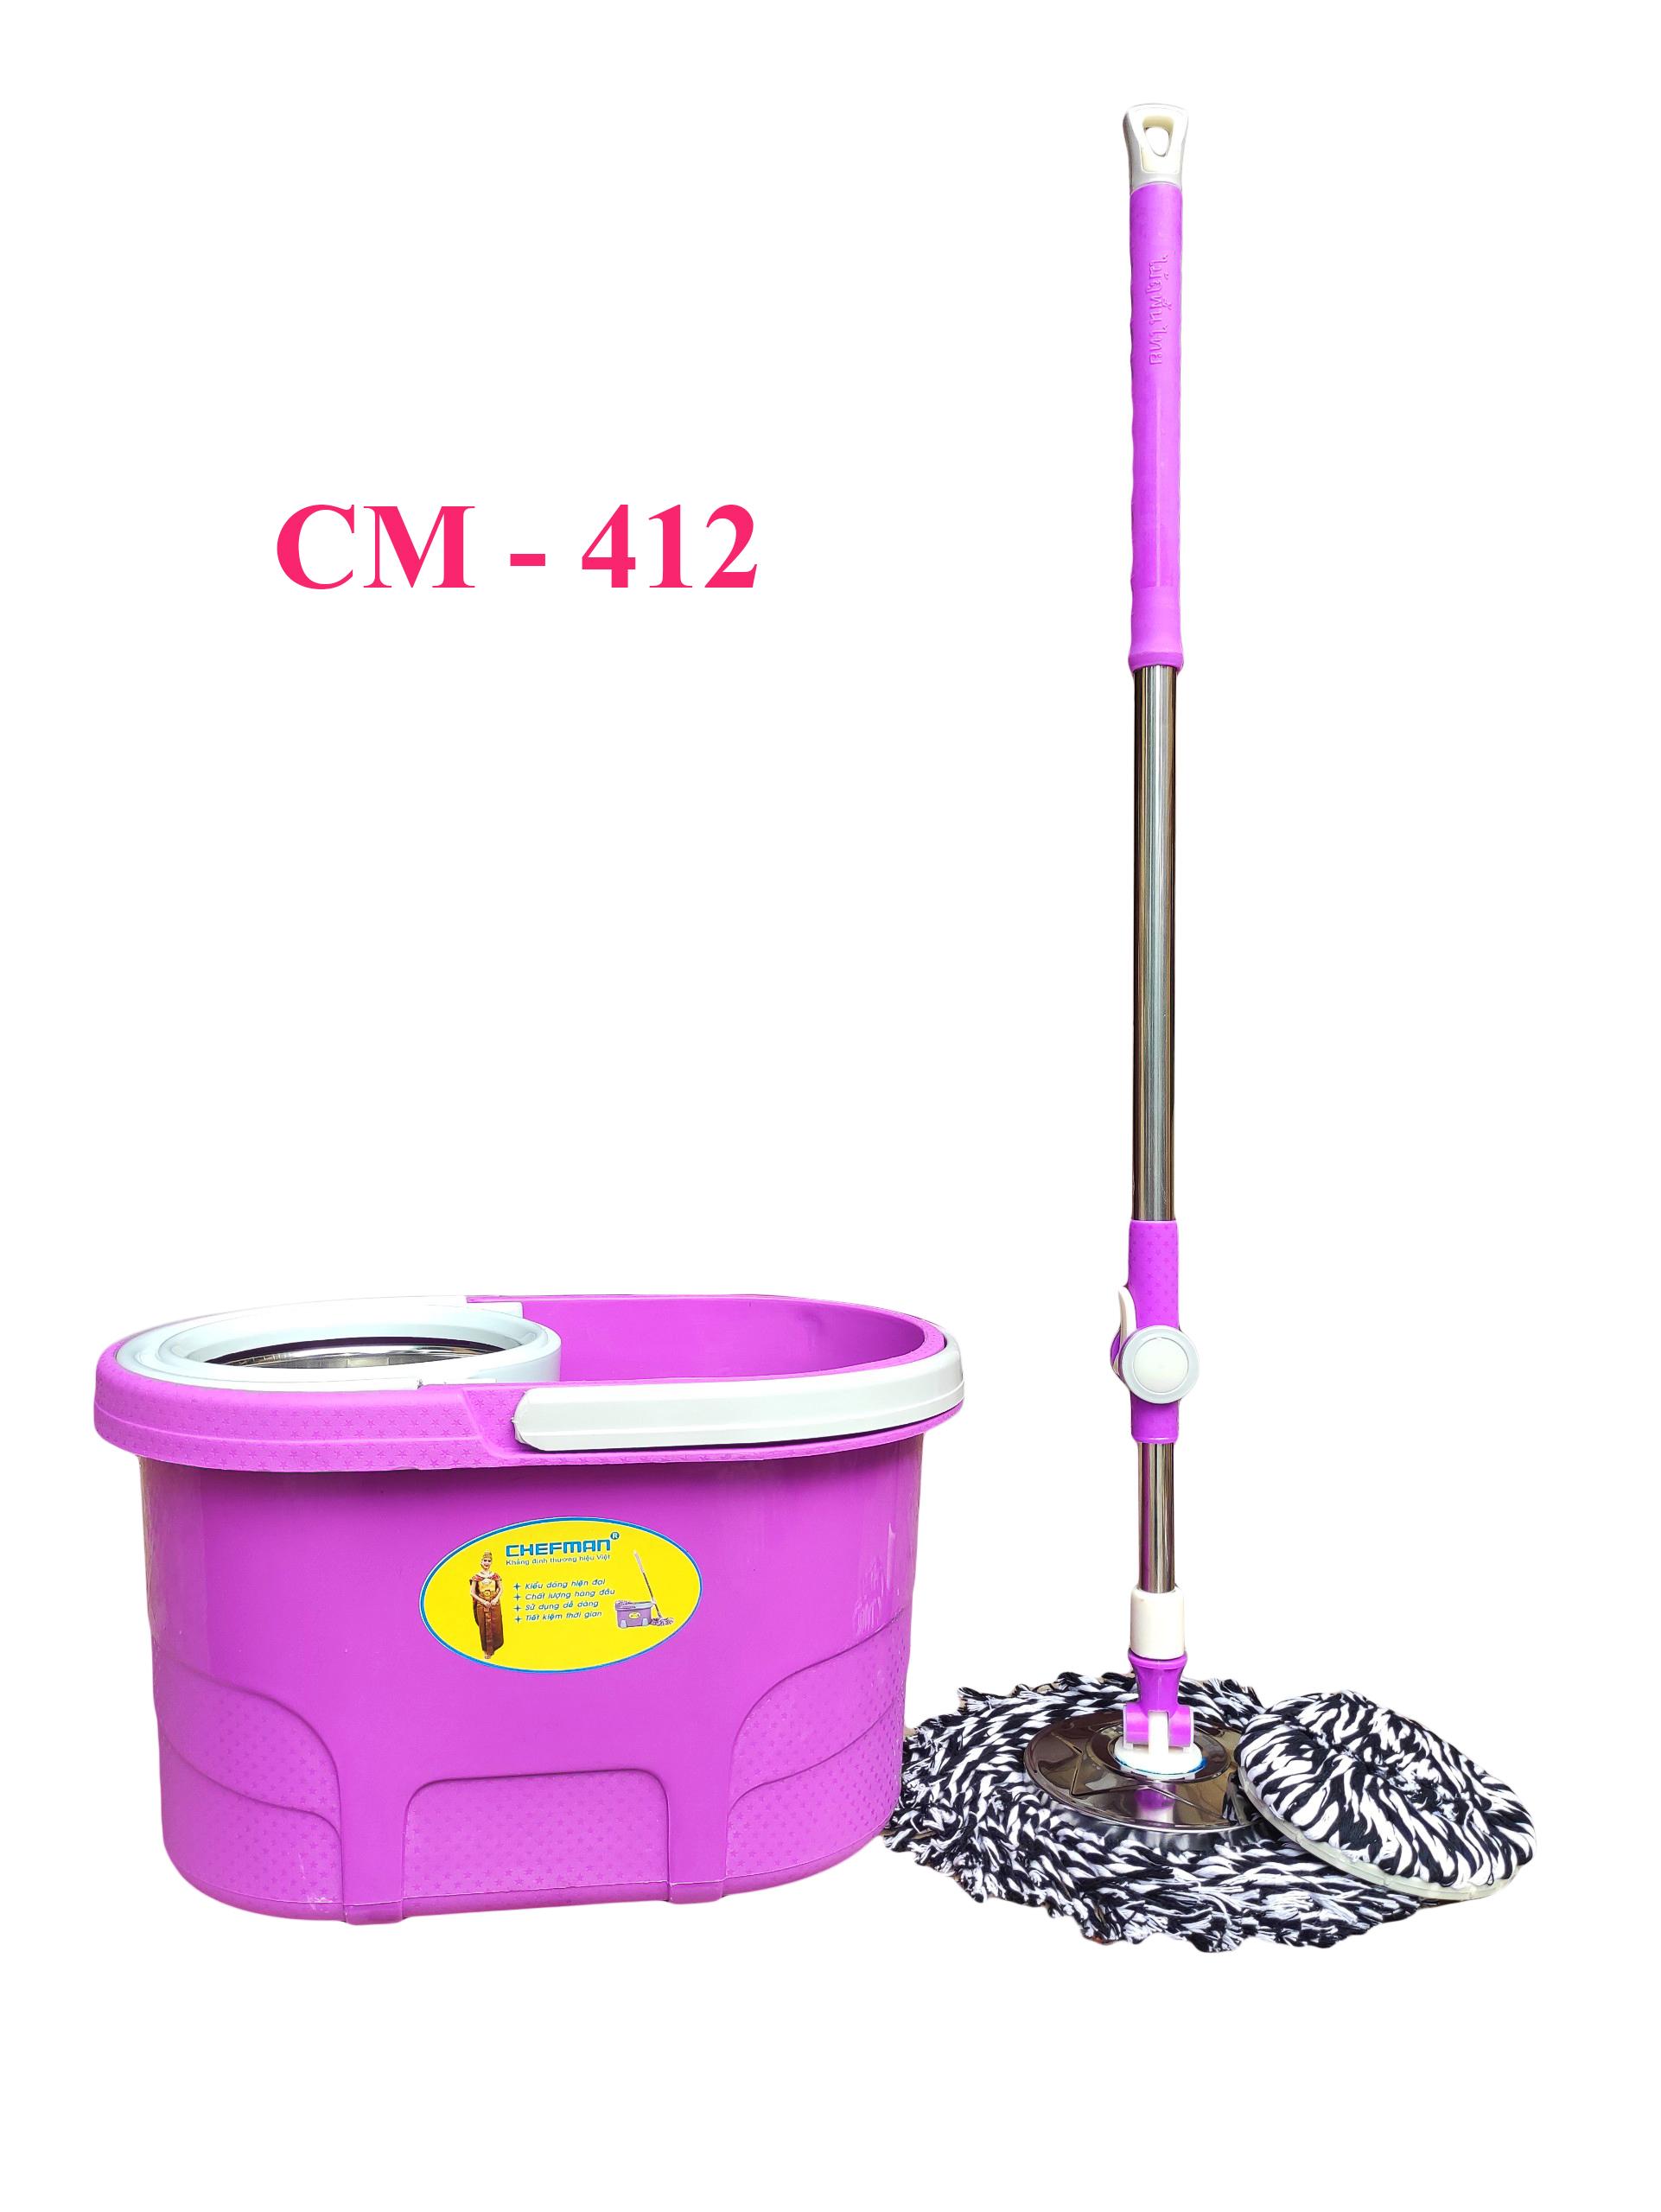 choi-lau-nha-chefman-cm-412v